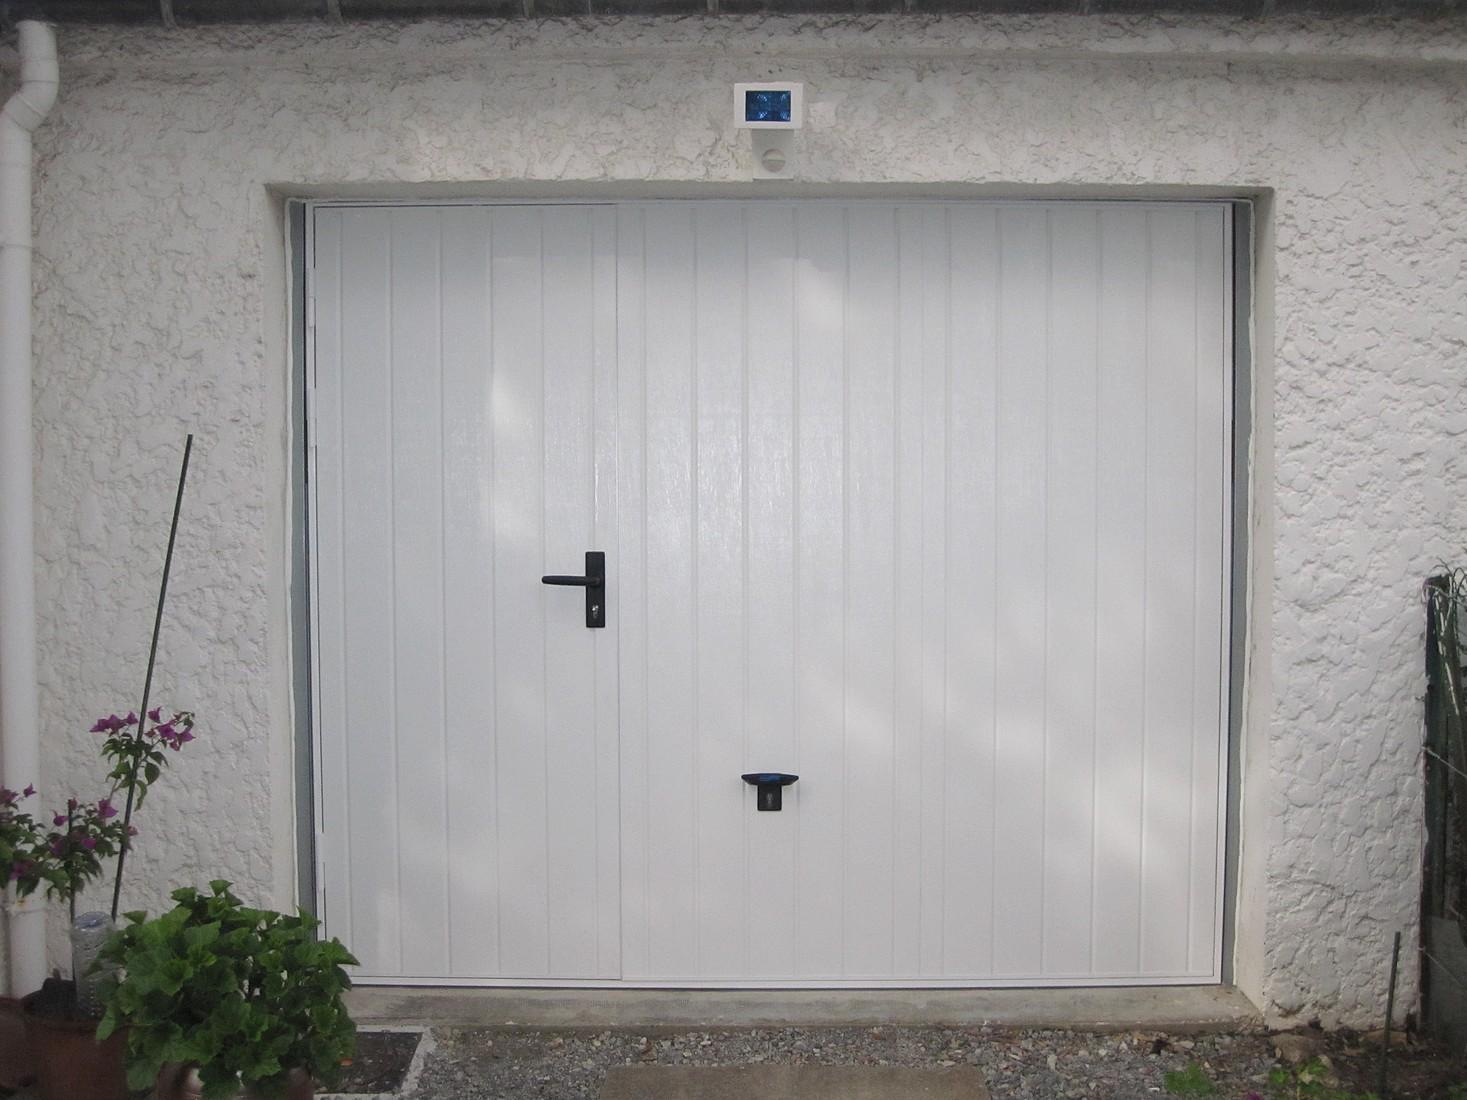 Porte de garage coulissante en pvc d 39 occasion voiture Porte de garage pas cher occasion